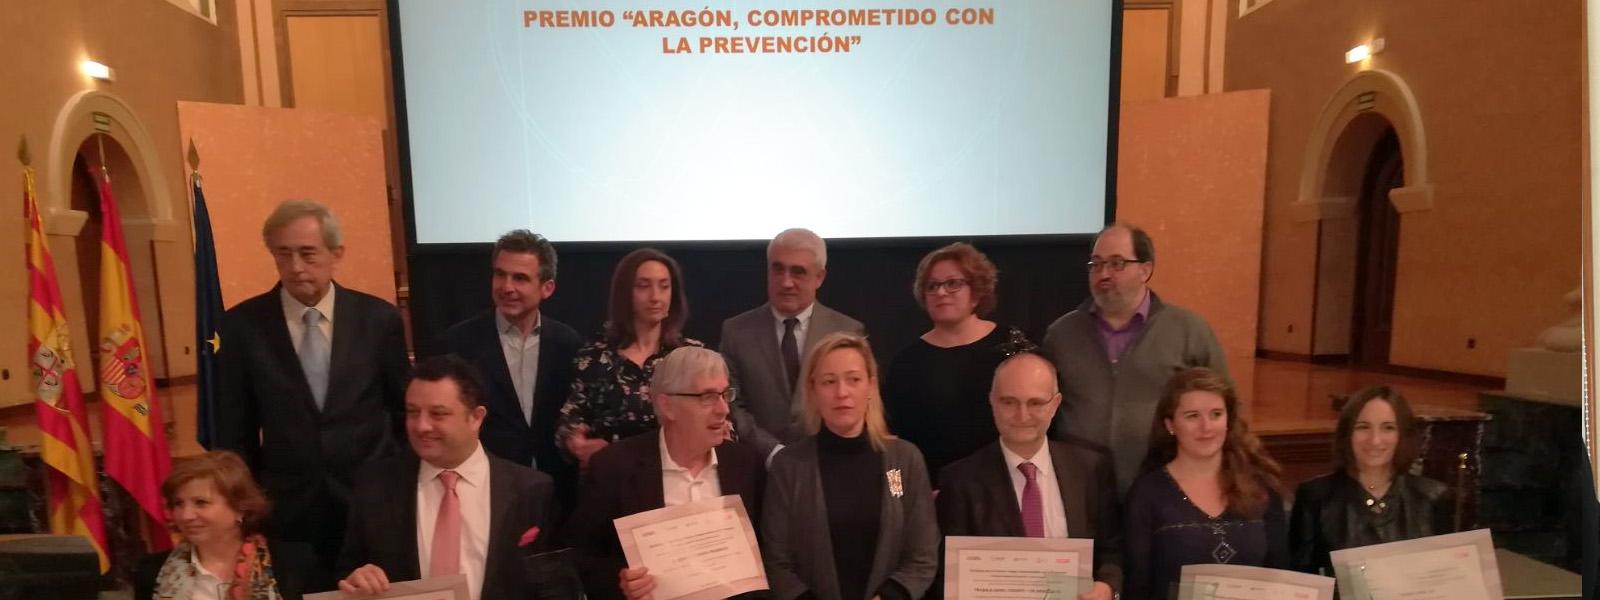 Premios Aragón comprometido con la prevención